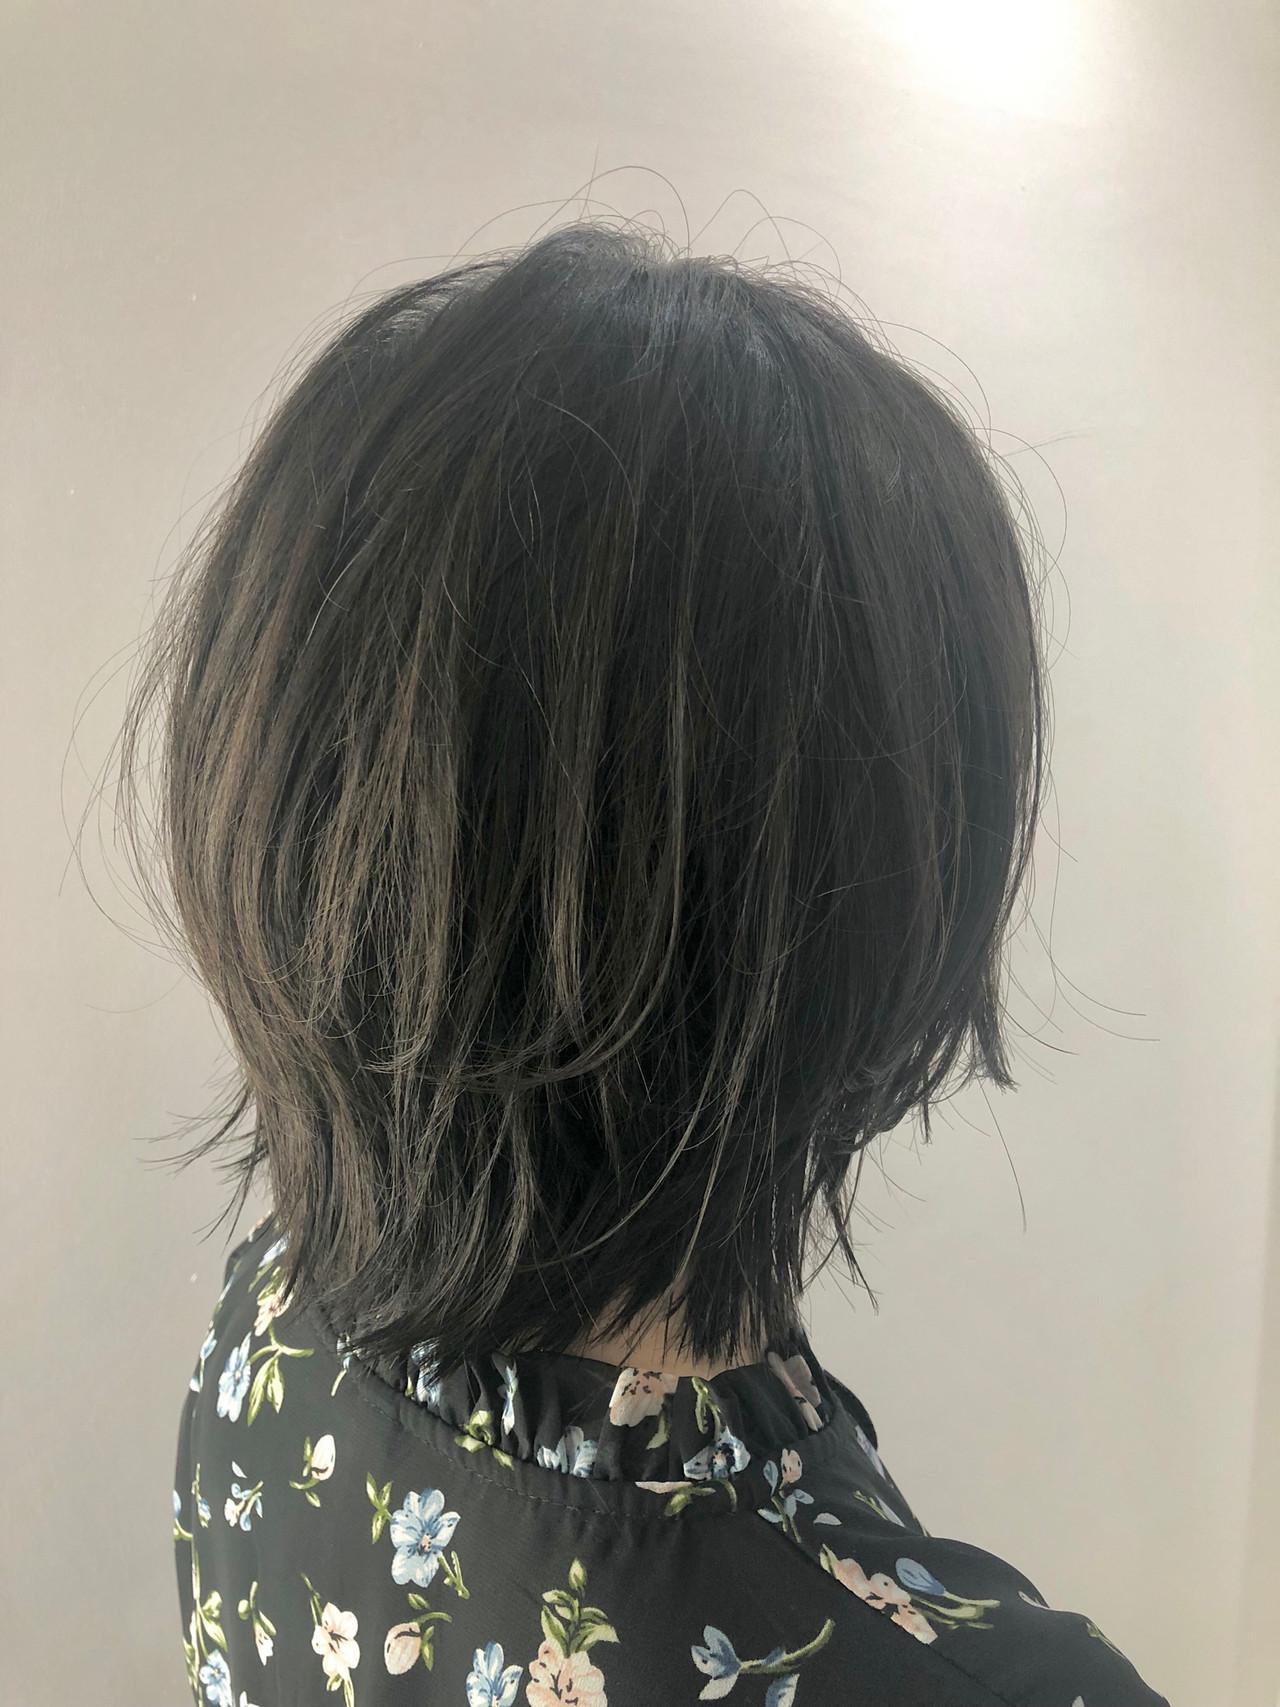 ナチュラル ボブ 艶カラー レイヤーボブ ヘアスタイルや髪型の写真・画像